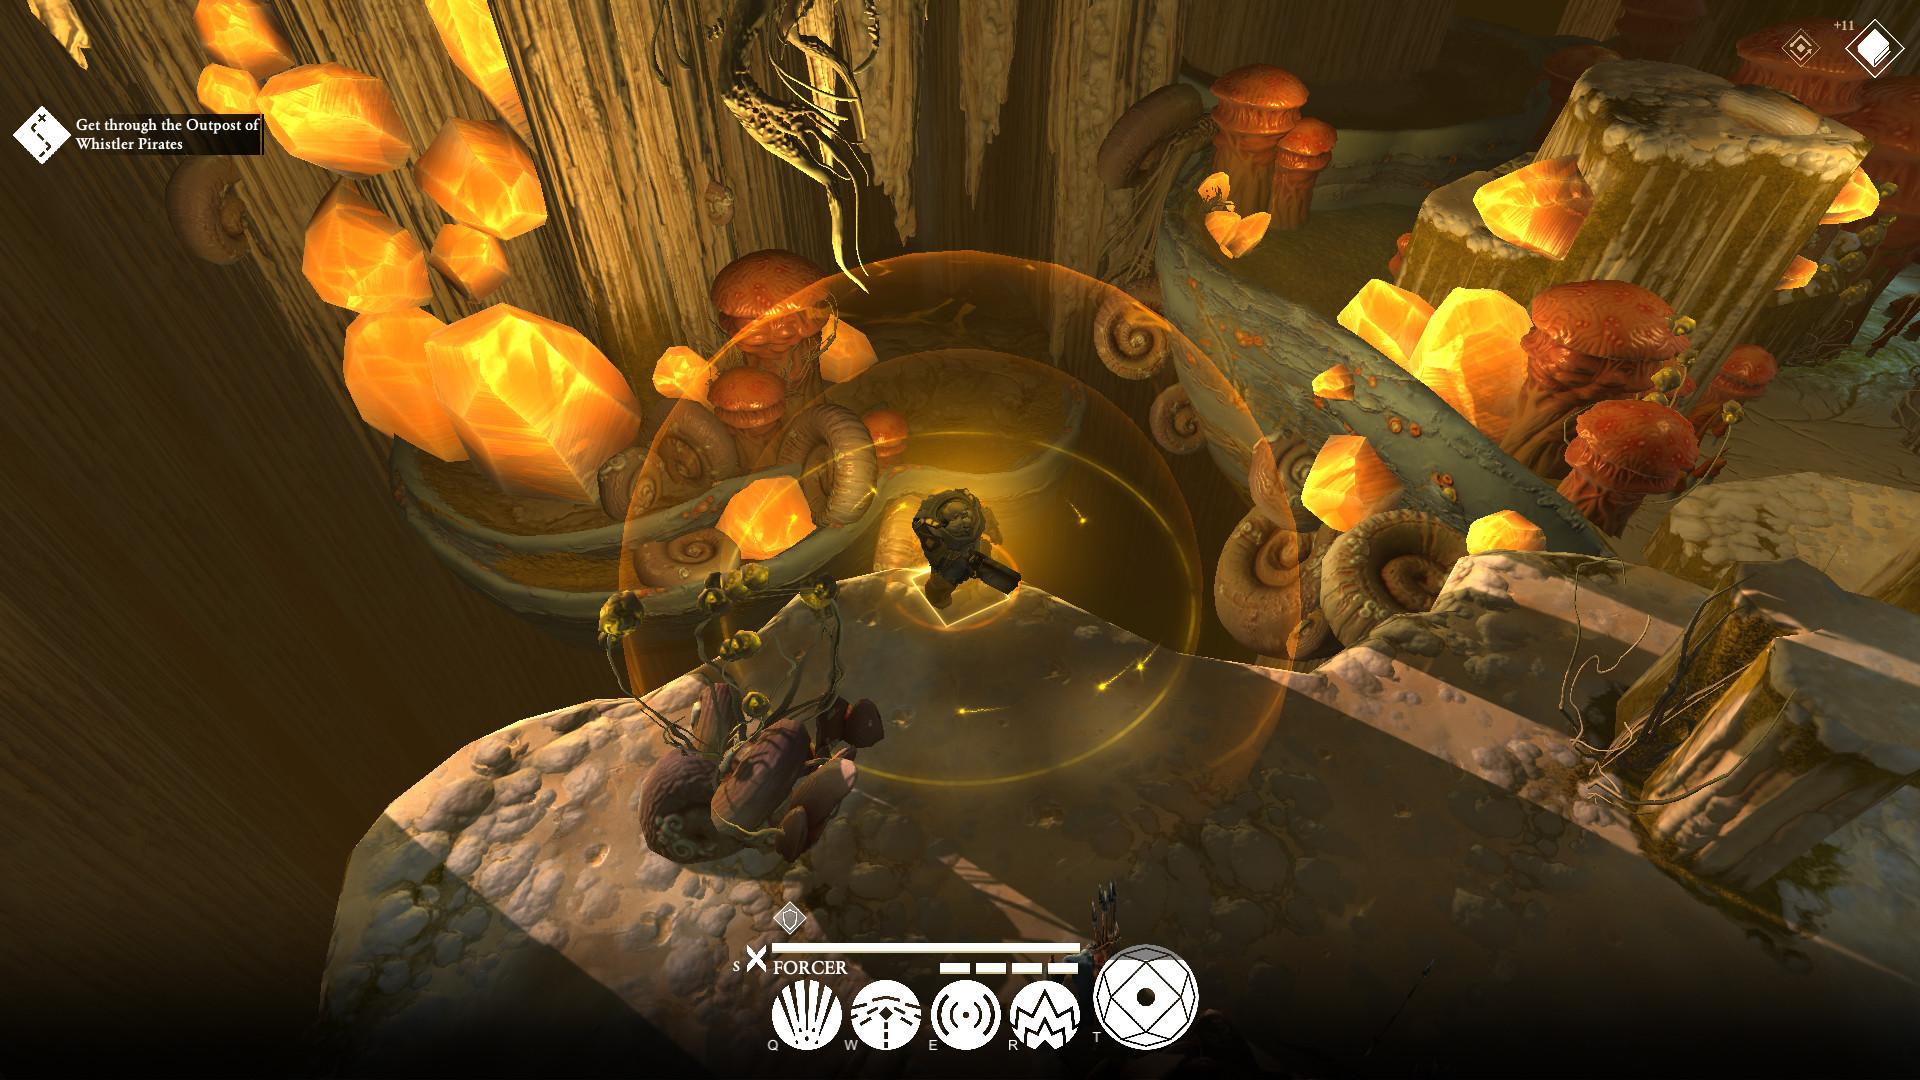 com.steam.395570-screenshot